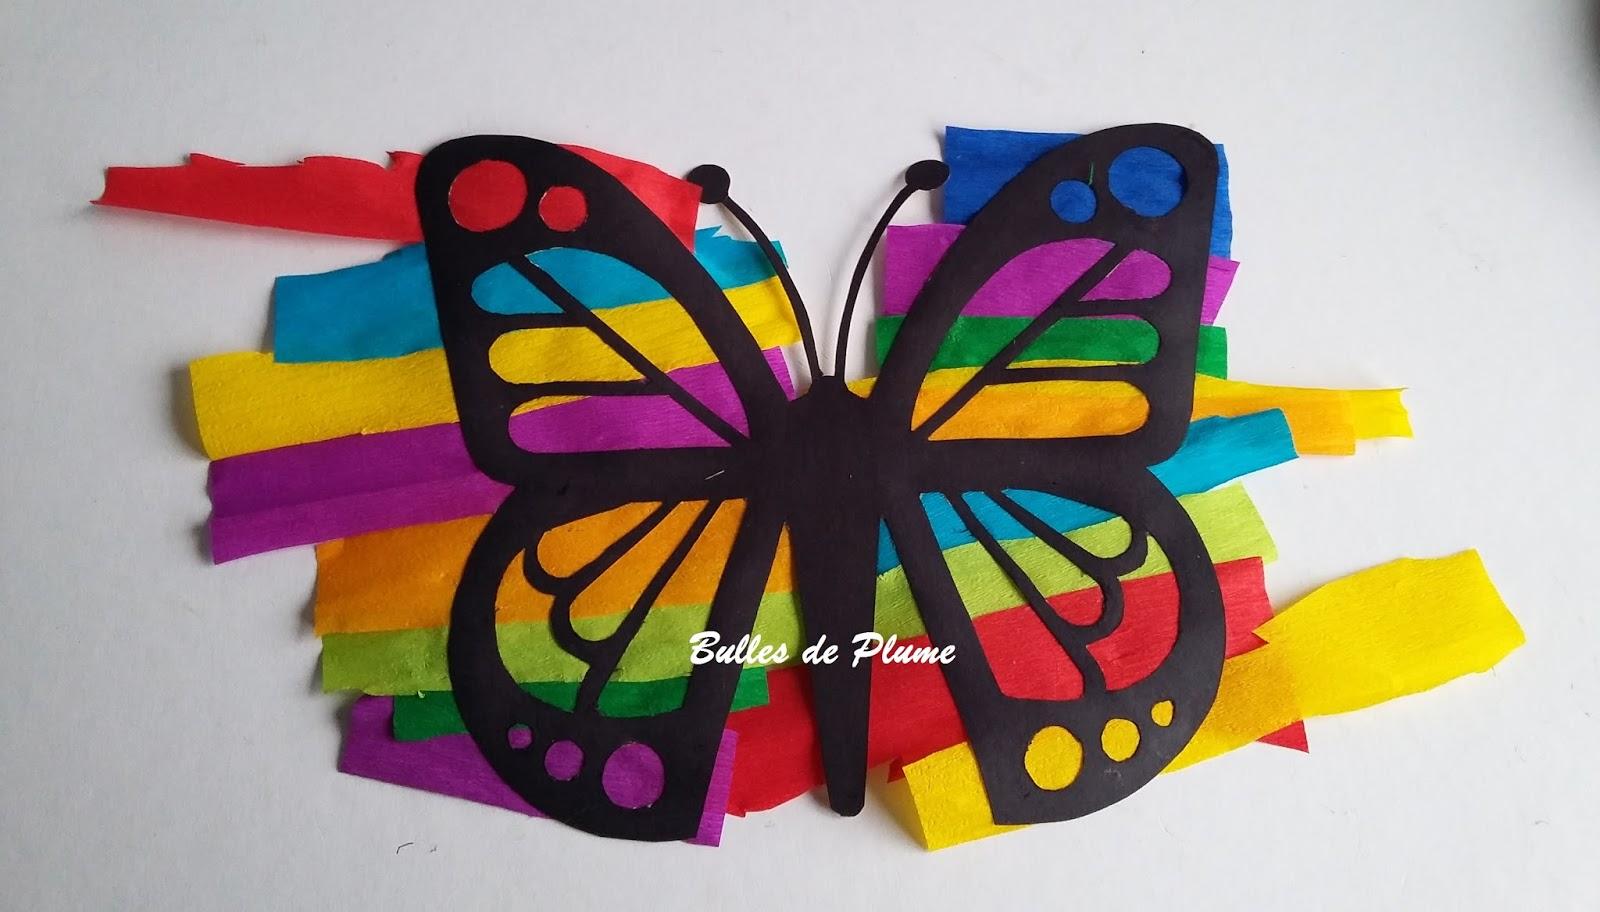 Bulles de plume diy papillon attrape soleil - Papillon en papier de soie ...